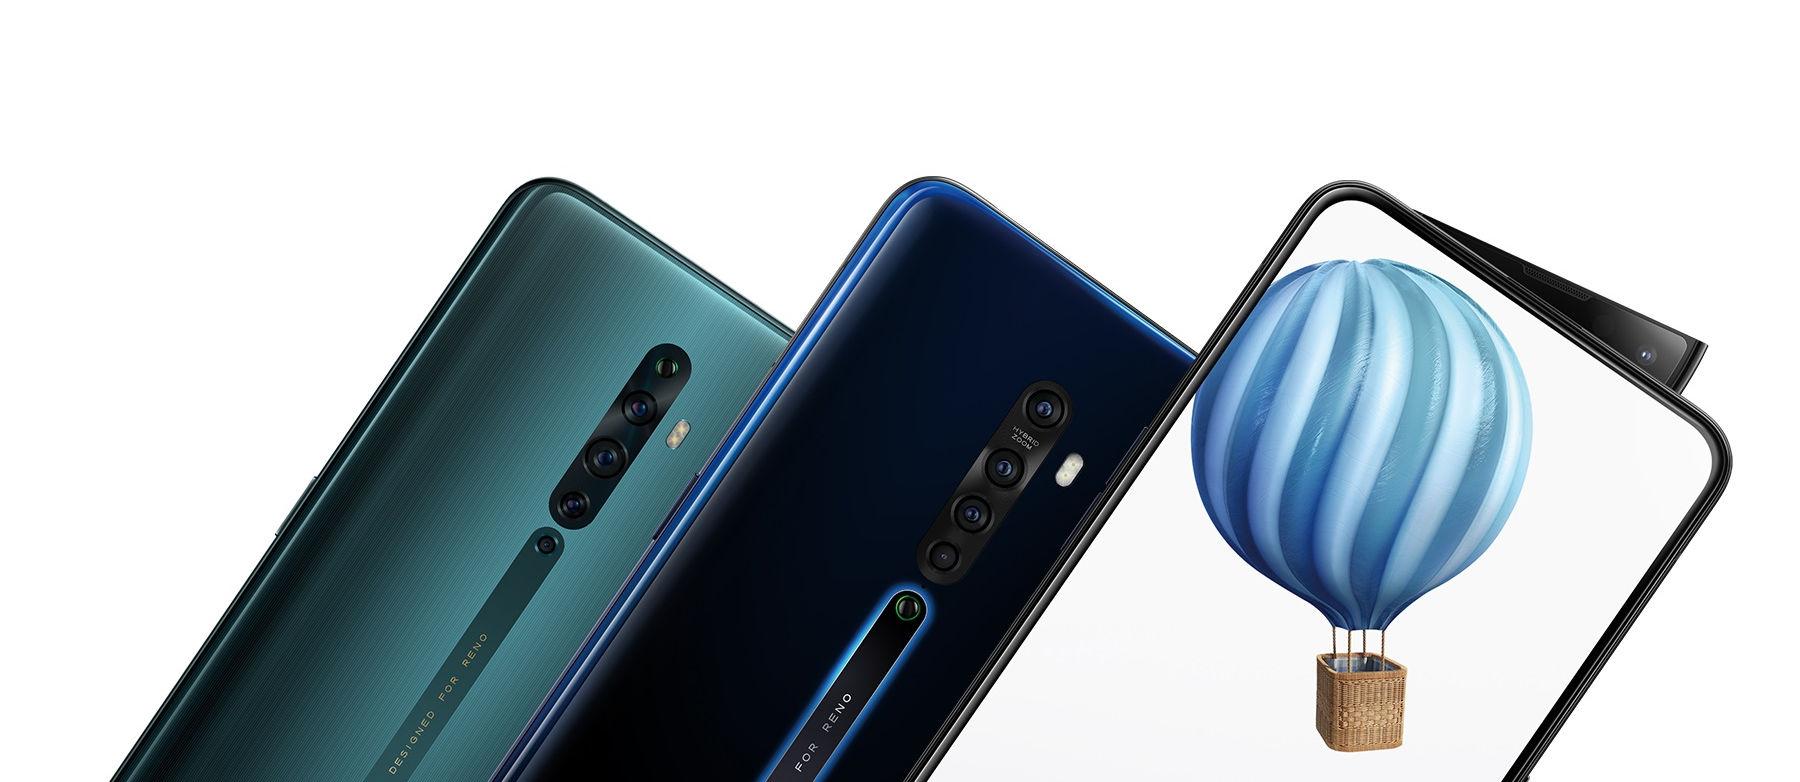 [Top Gadget] Inilah Smartphone Terbaik OPPO di 2019 untuk Dibeli 19 oppo, oppo a5 2020, OPPO K3, oppo reno 10x zoom 12gb, OPPO Reno2